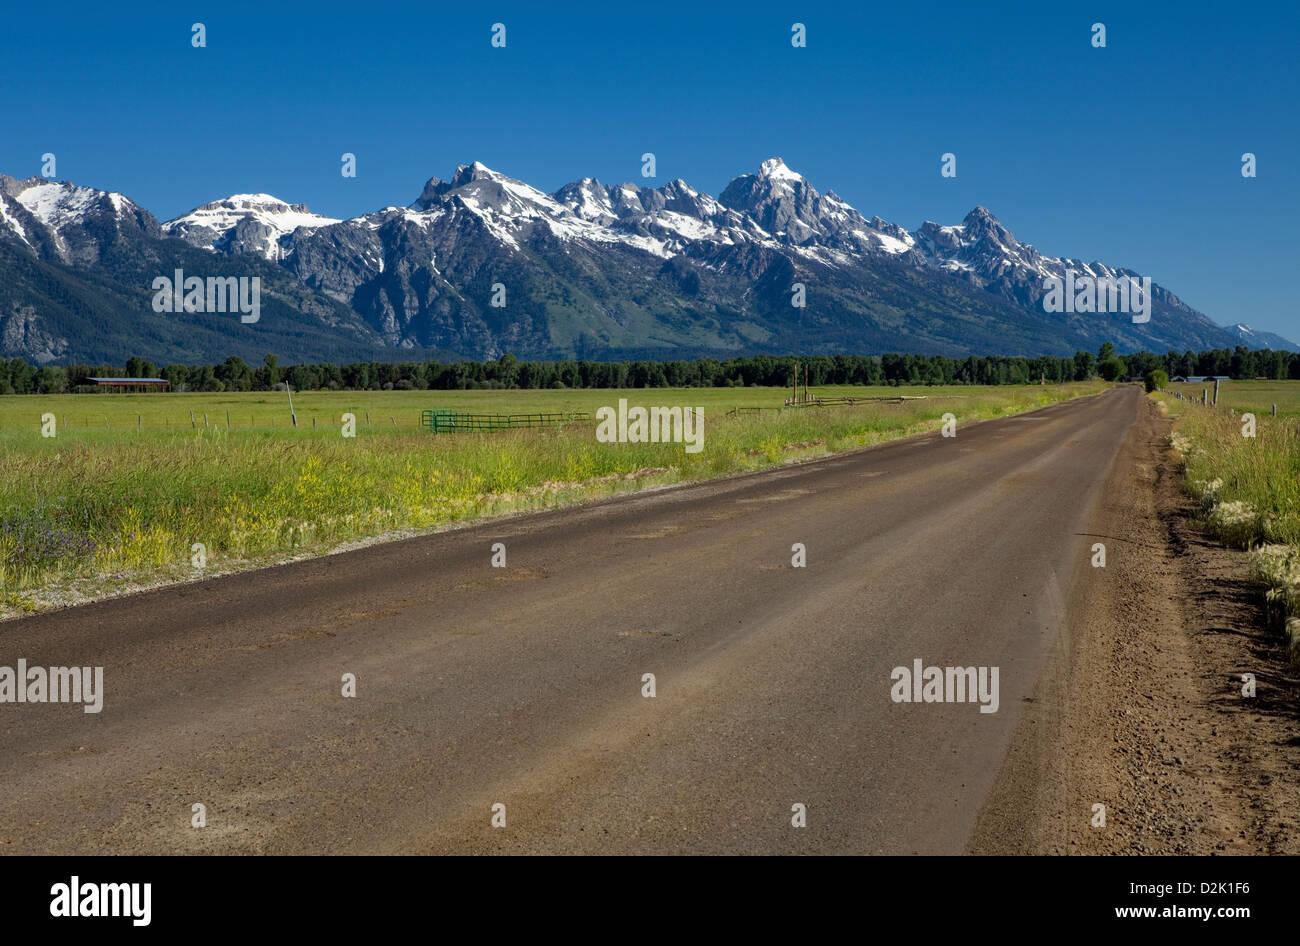 WY00232-00...WYOMING - Molla Gulch Road in Jackson con la gamma Teton in background. Immagini Stock